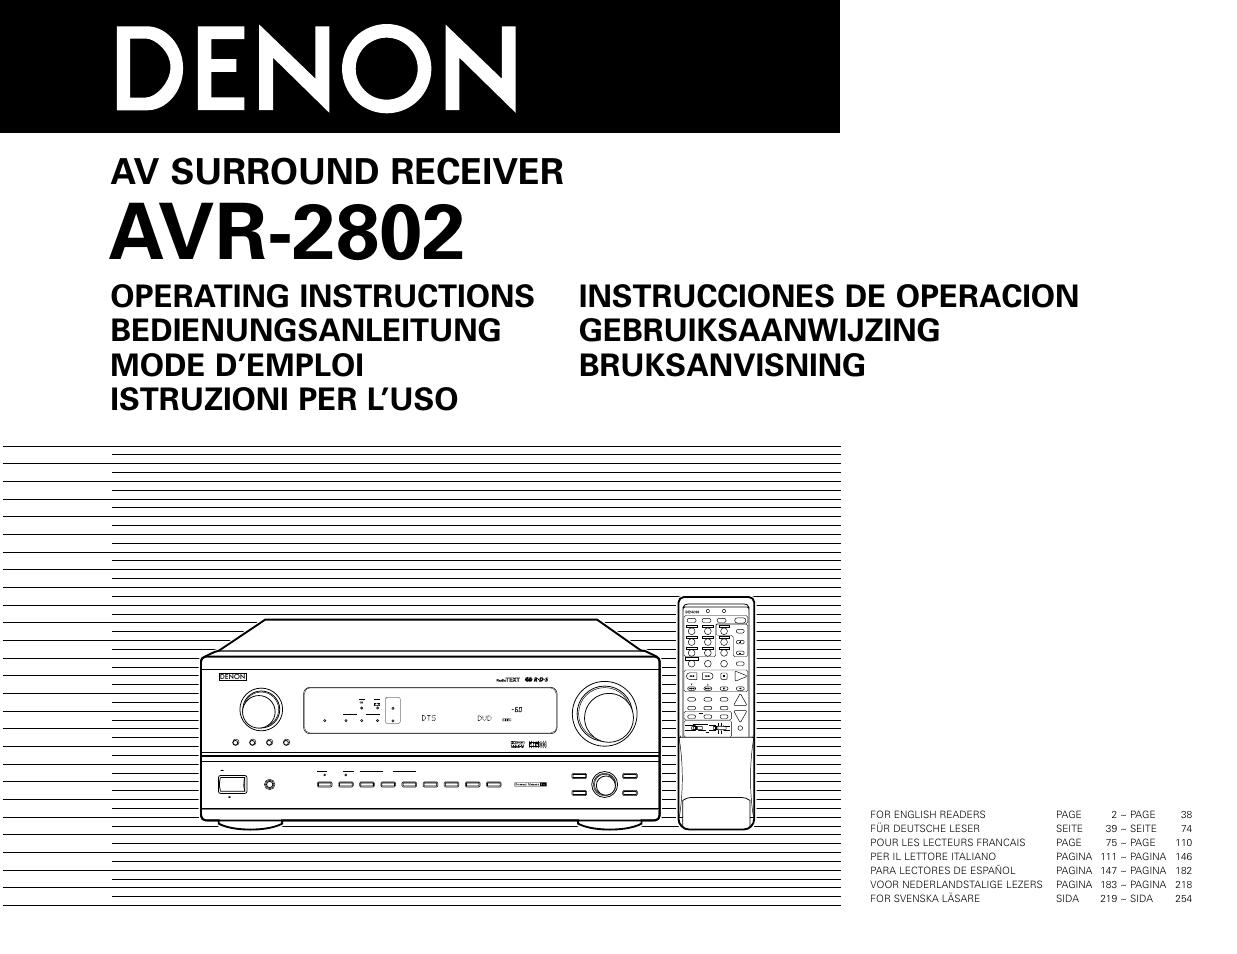 denon avr 2802 user manual 74 pages rh manualsdir com denon avr 2802 user manual pdf denon avr 2802 notice